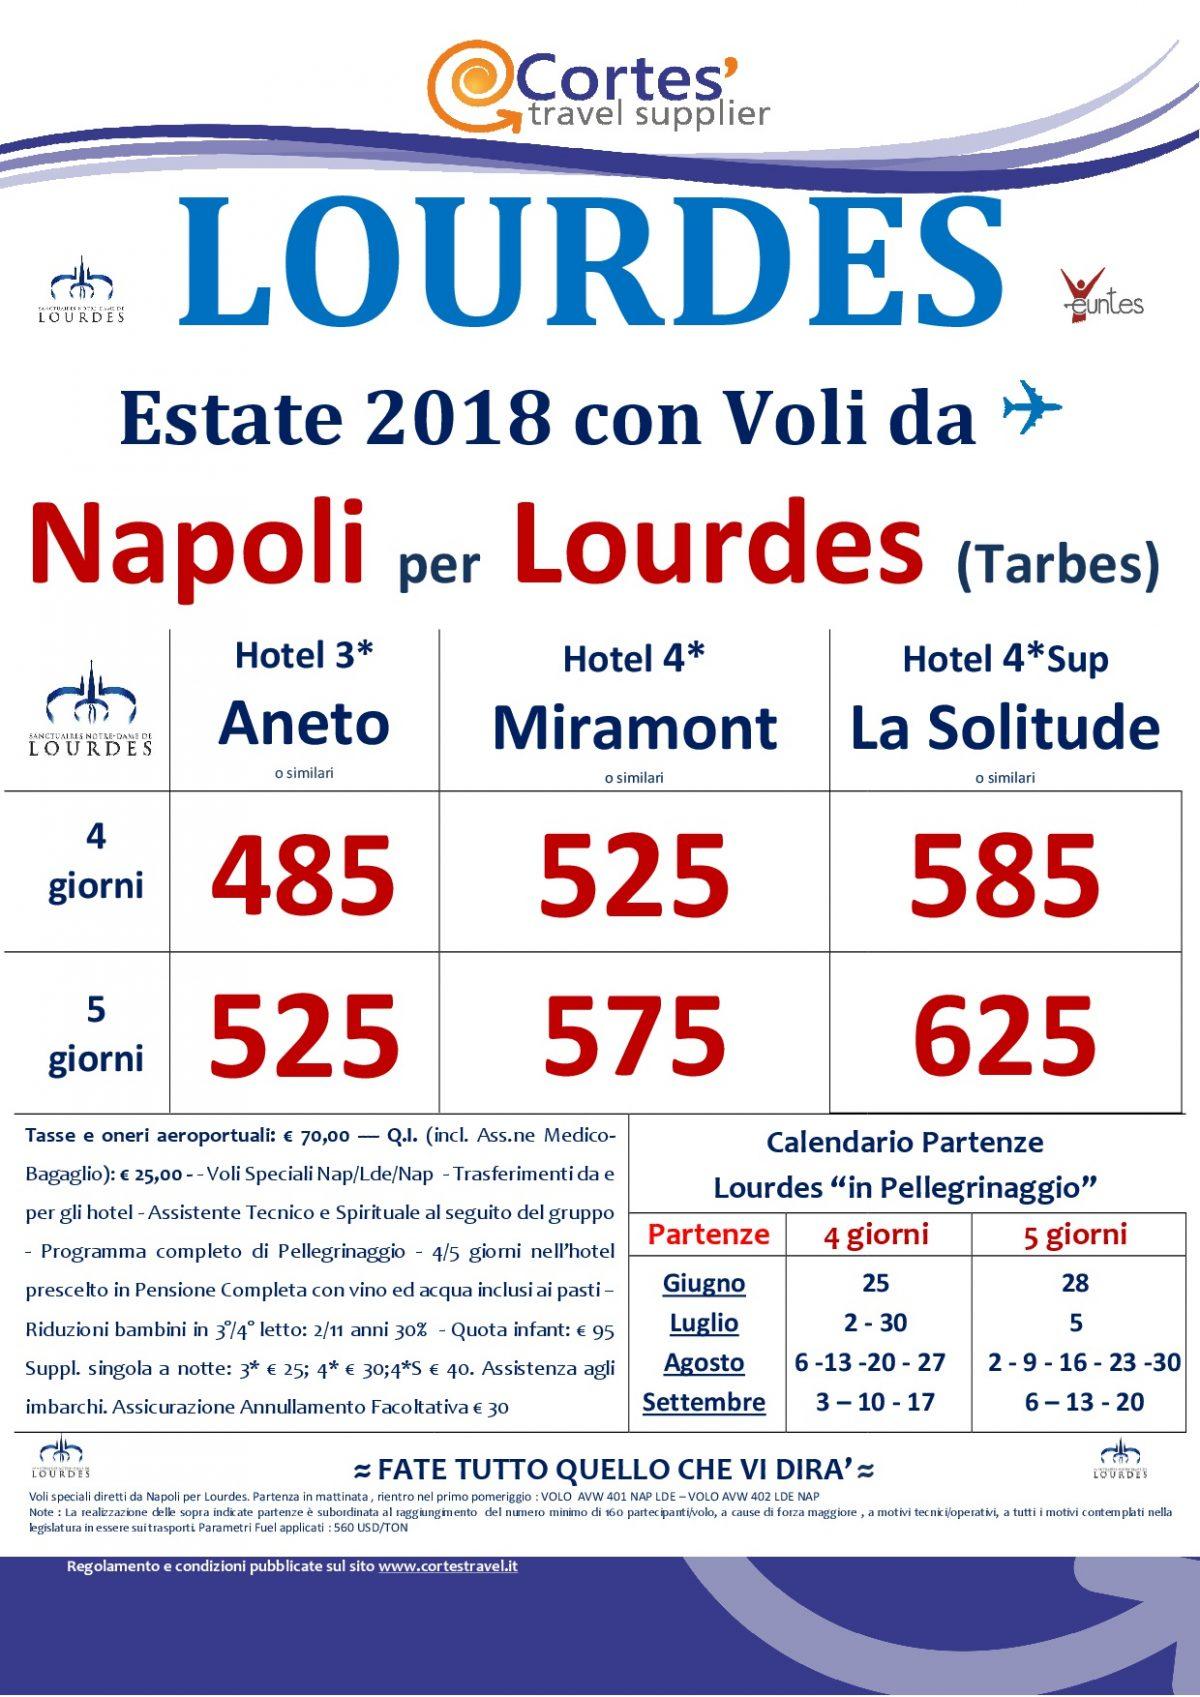 Lourdes da Napoli